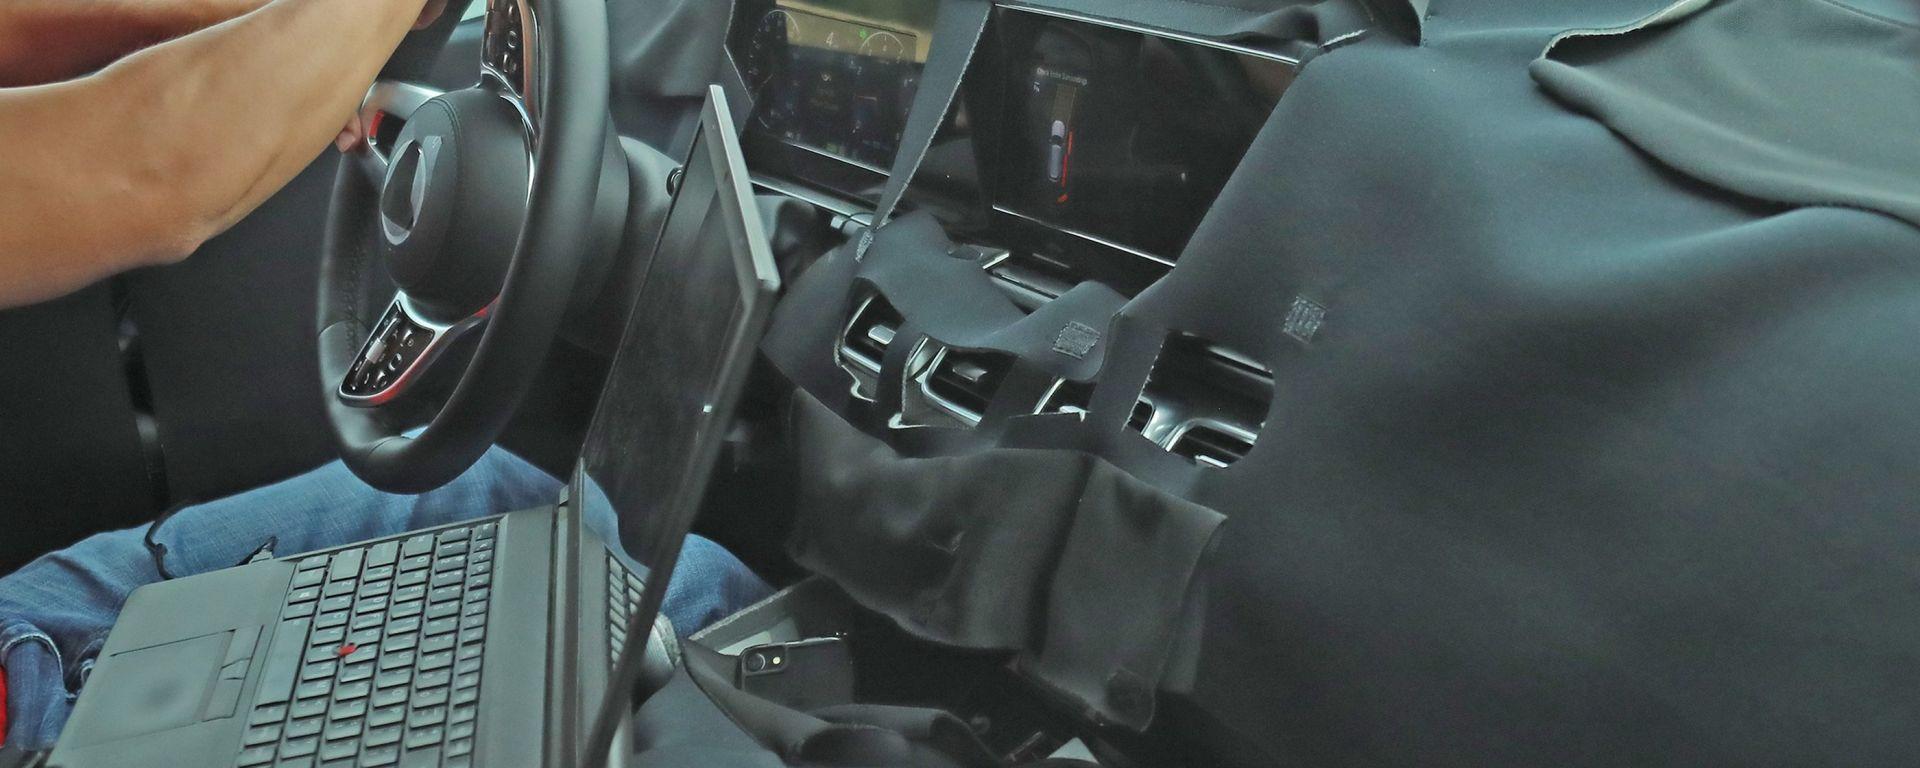 Nuova Mercedes GLS: le immagini spia degli interni